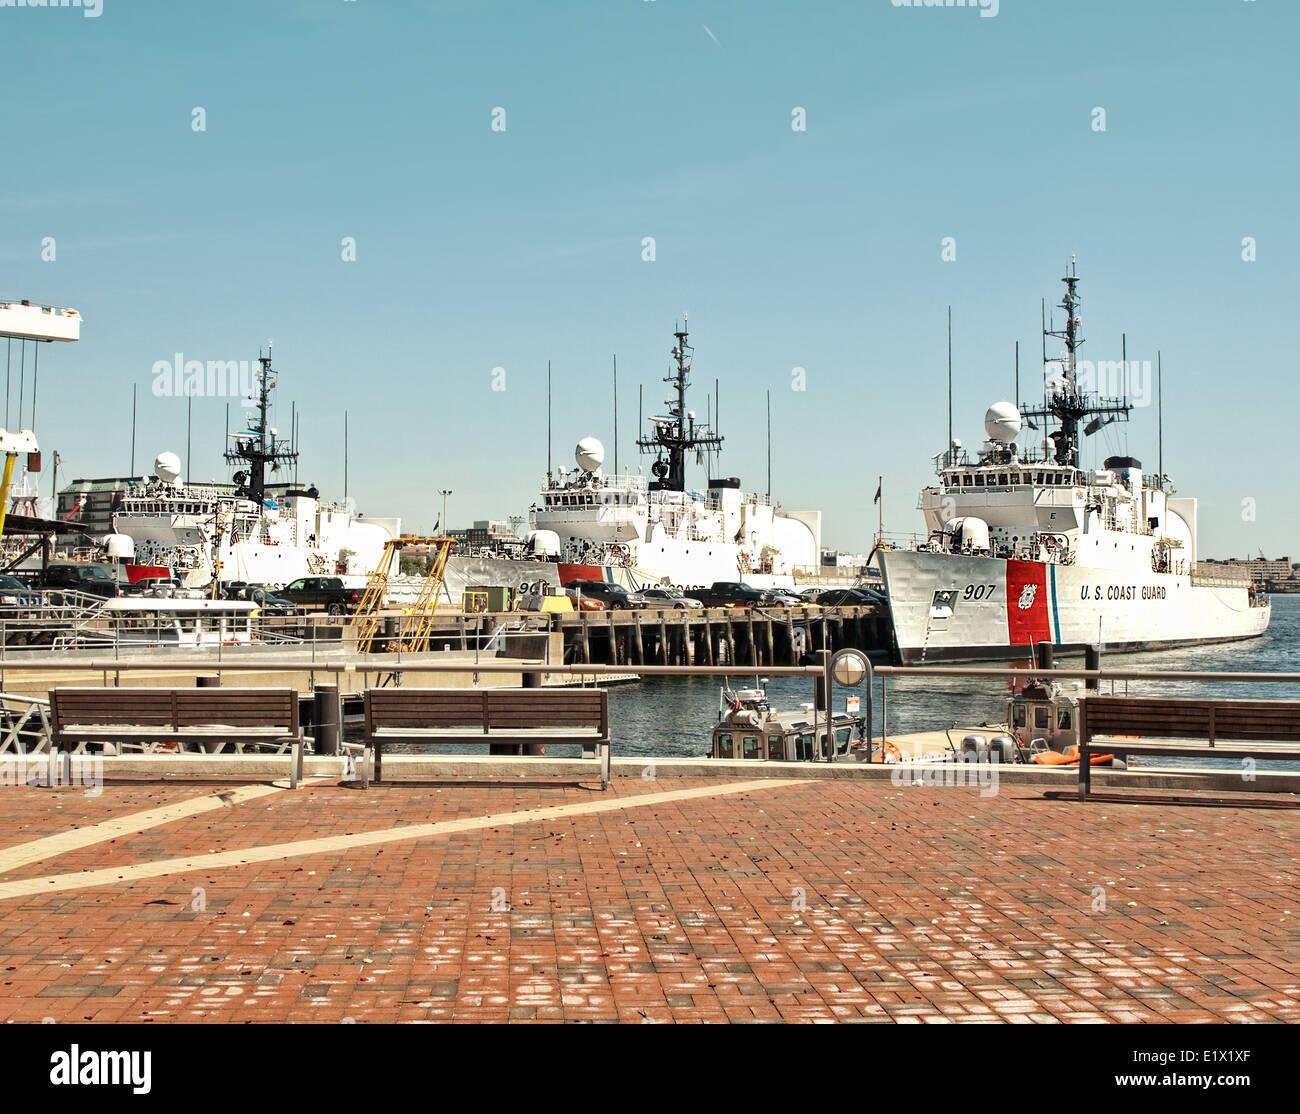 Coast Guard Ships docked in Boston Harbor Stock Photo